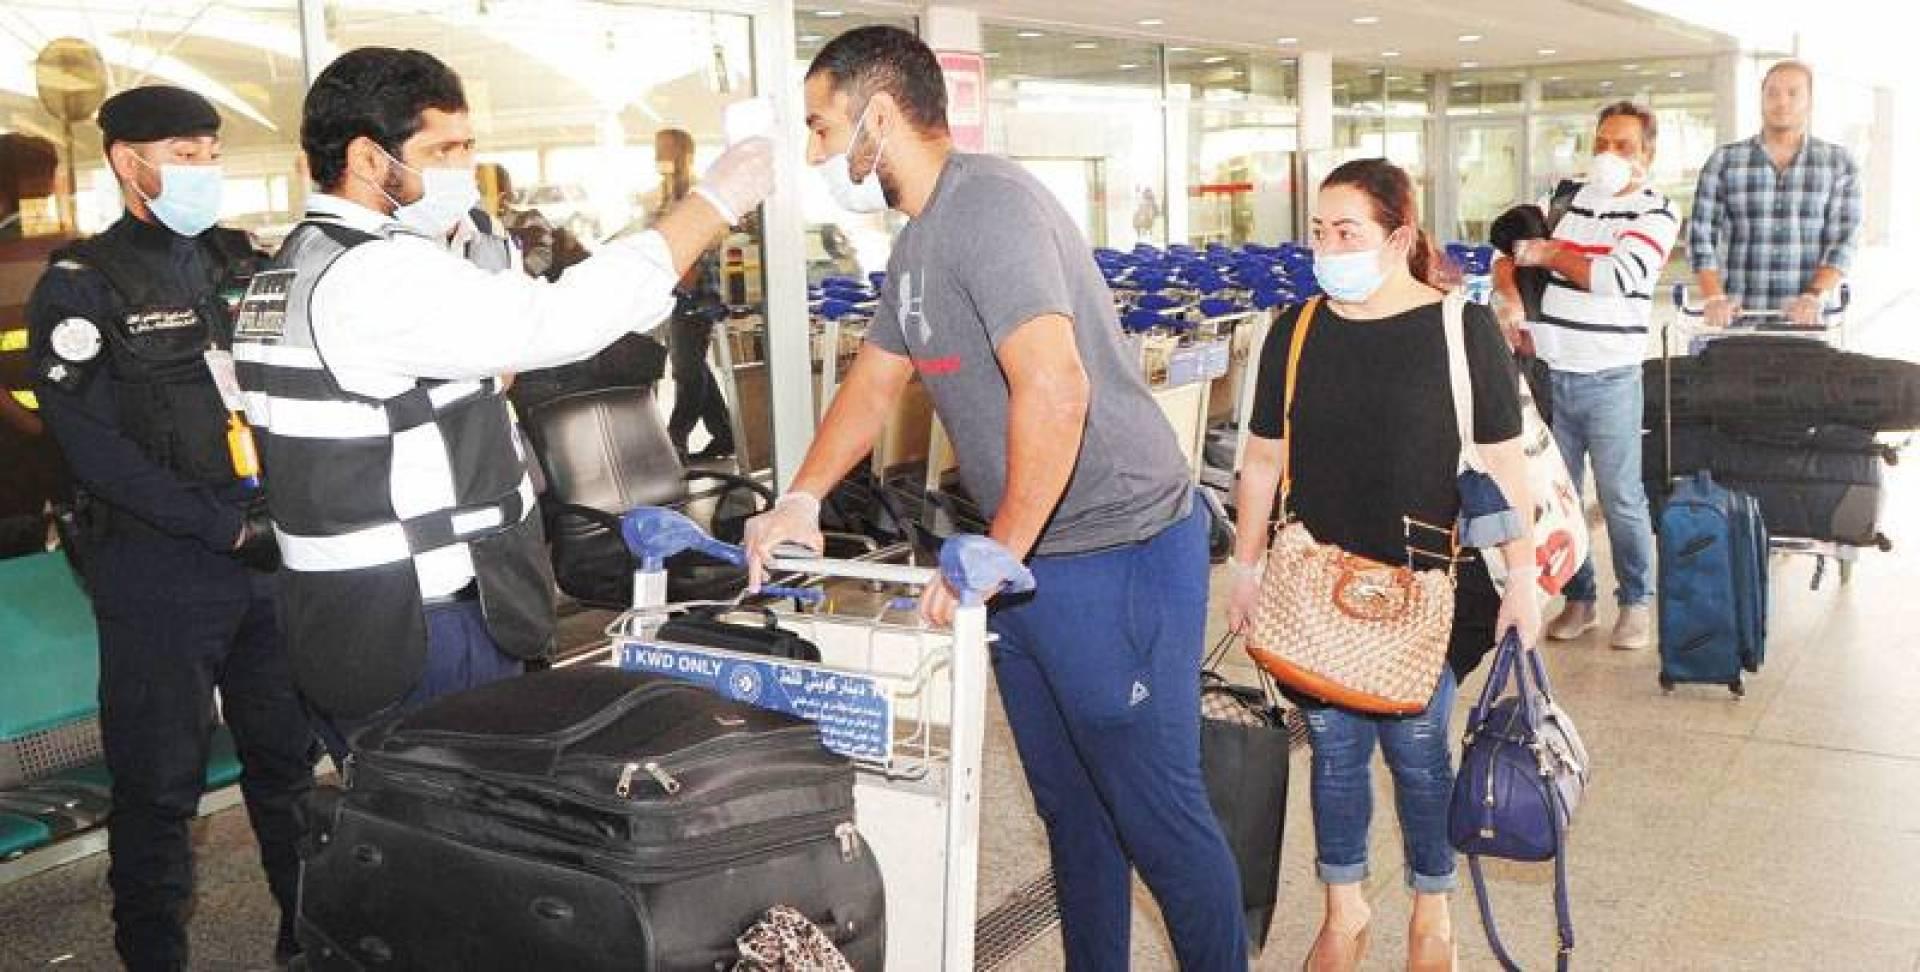 فحص المسافرين في المطار  (تصوير: سيد سليم)